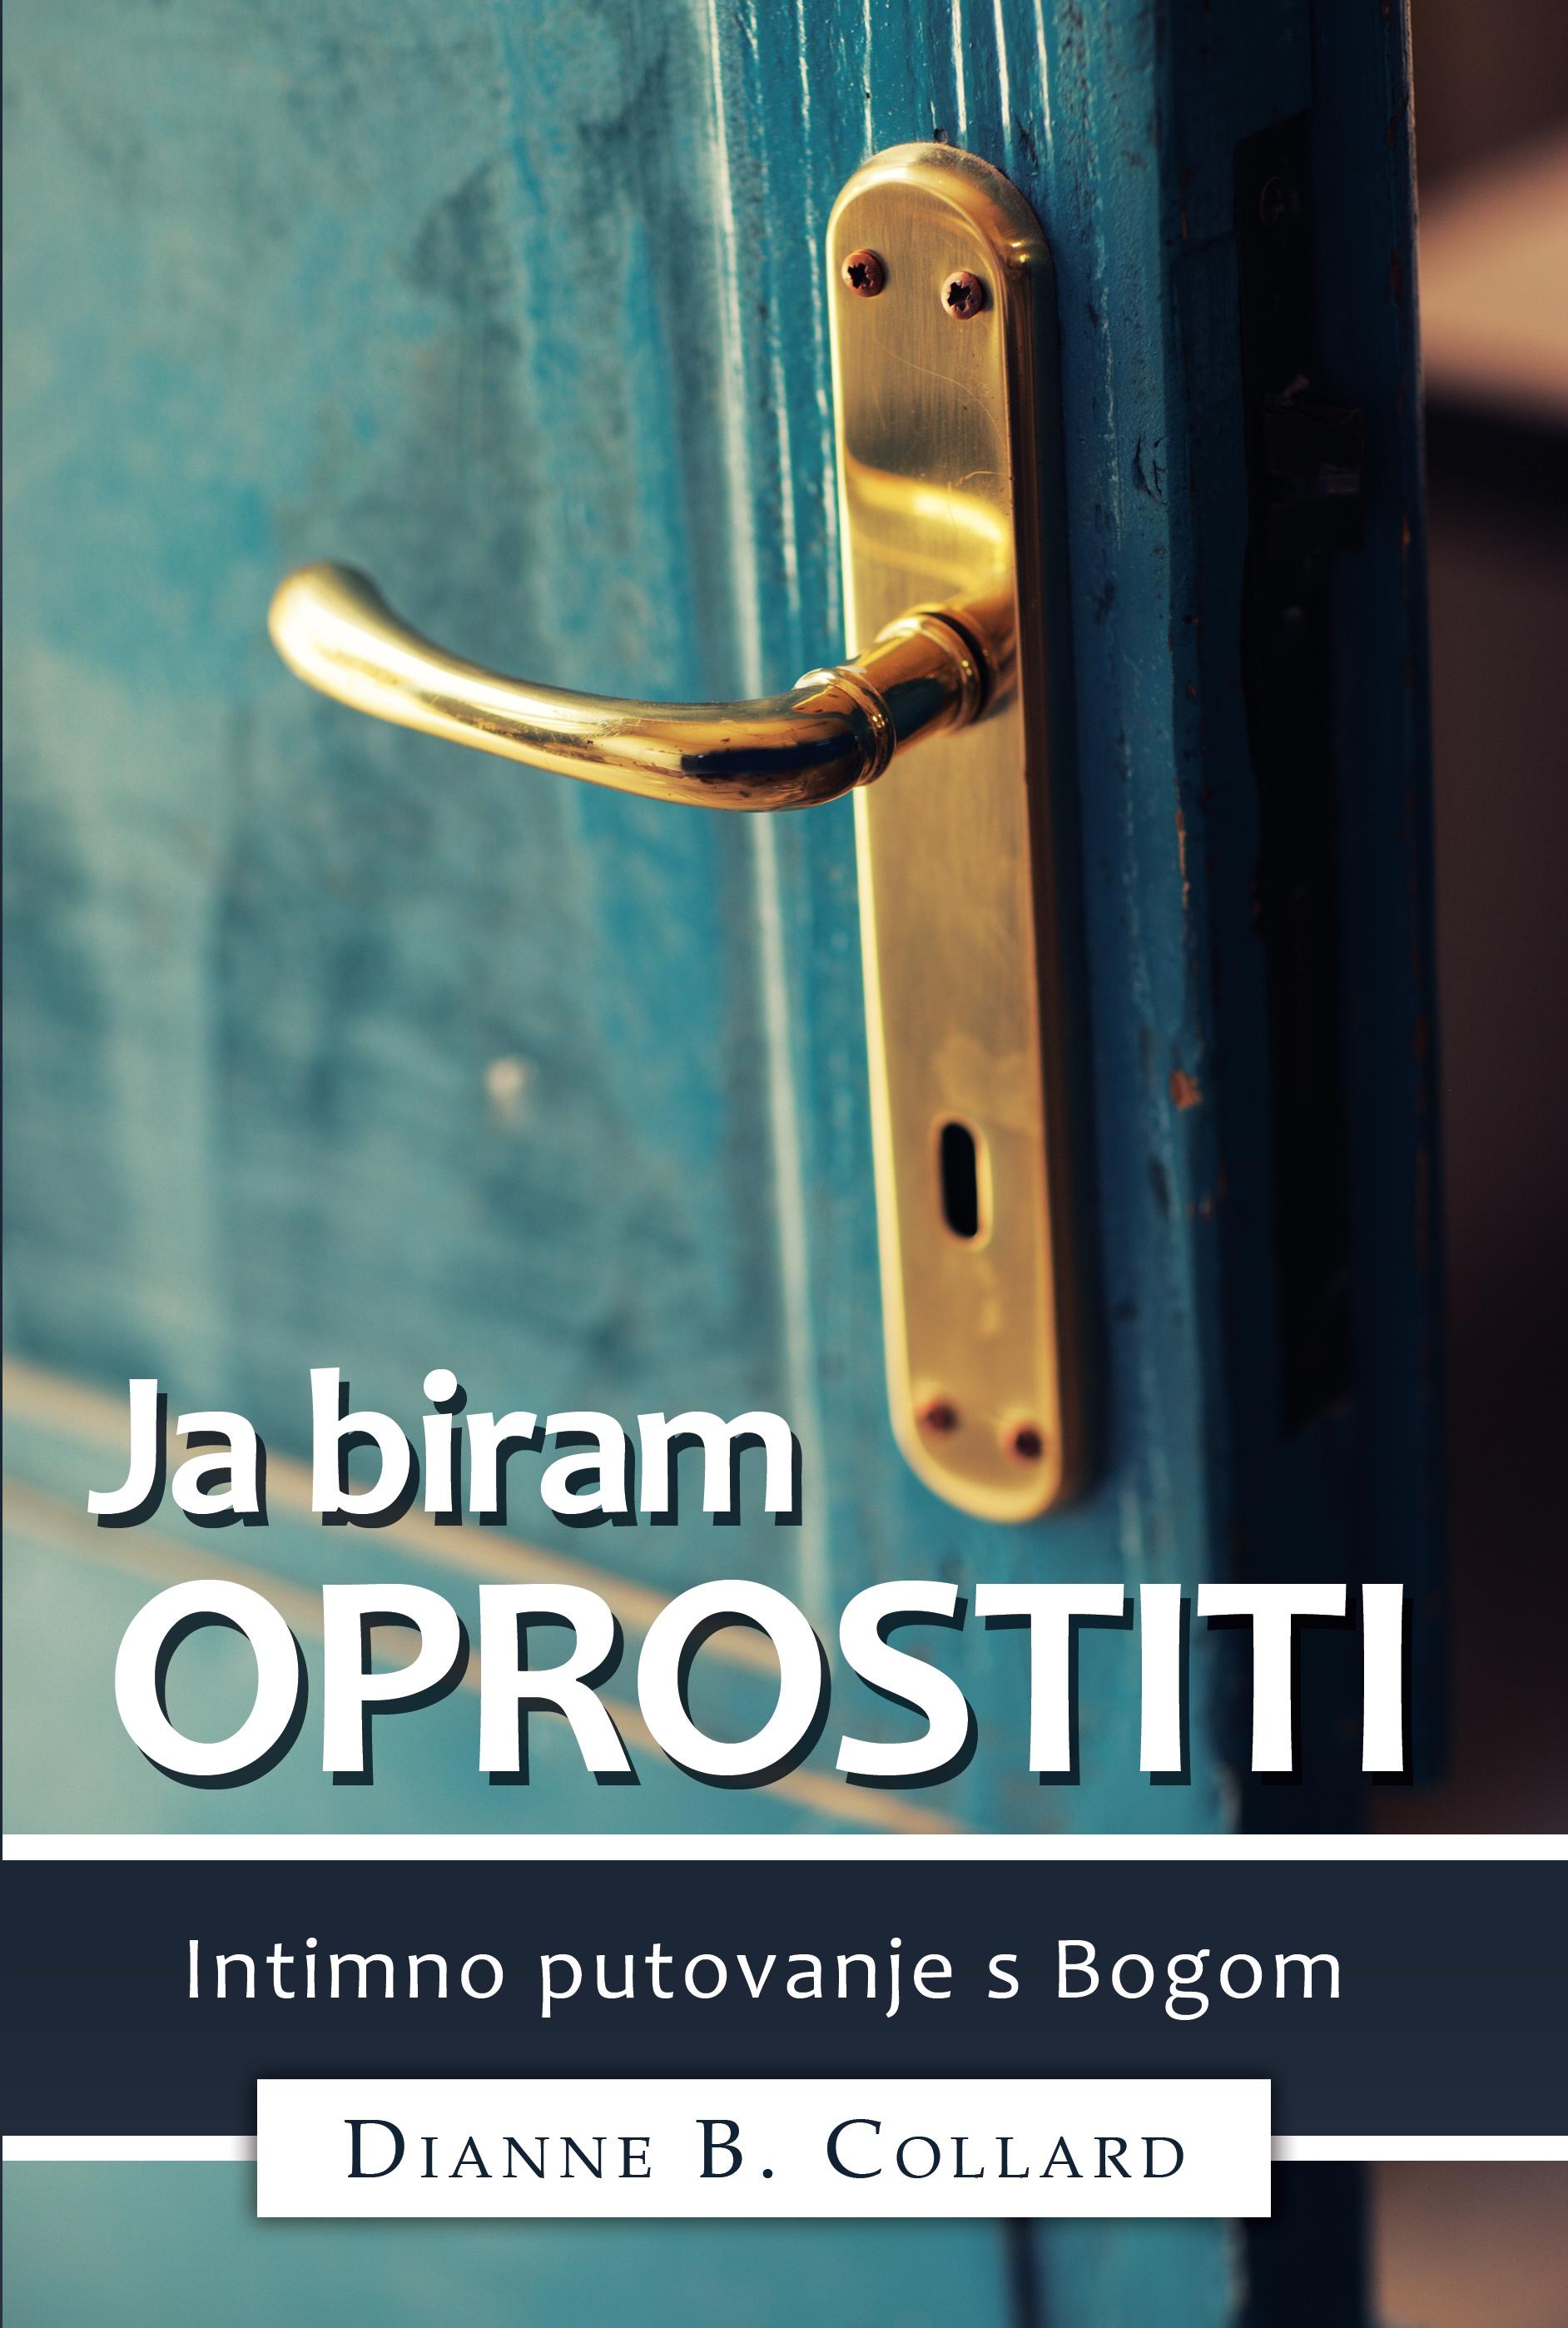 Croatian: Logos Publishers